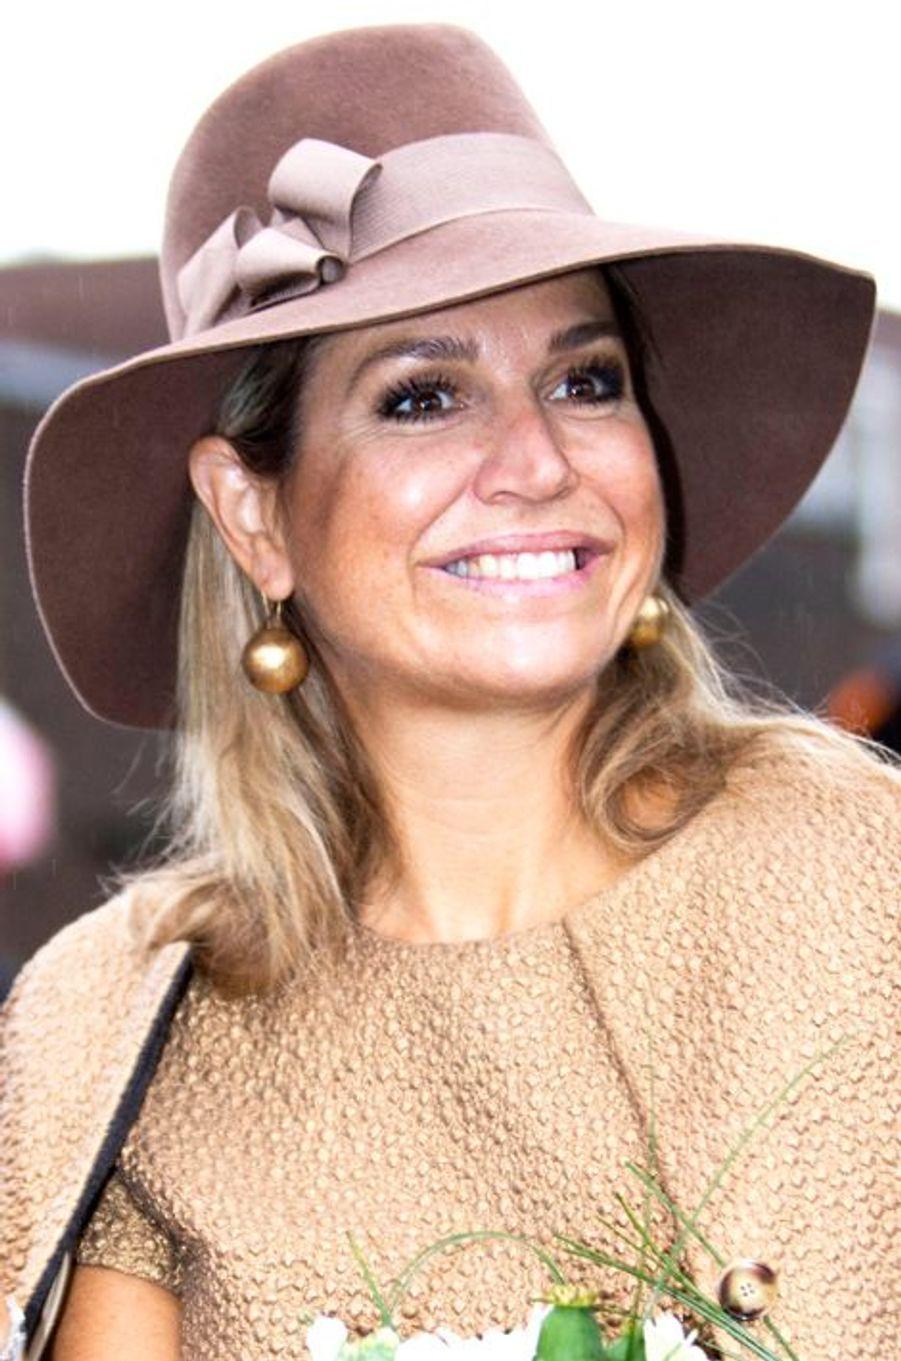 La reine Maxima des Pays-Bas à Alphen aan den Rijn, le 17 septembre 2015